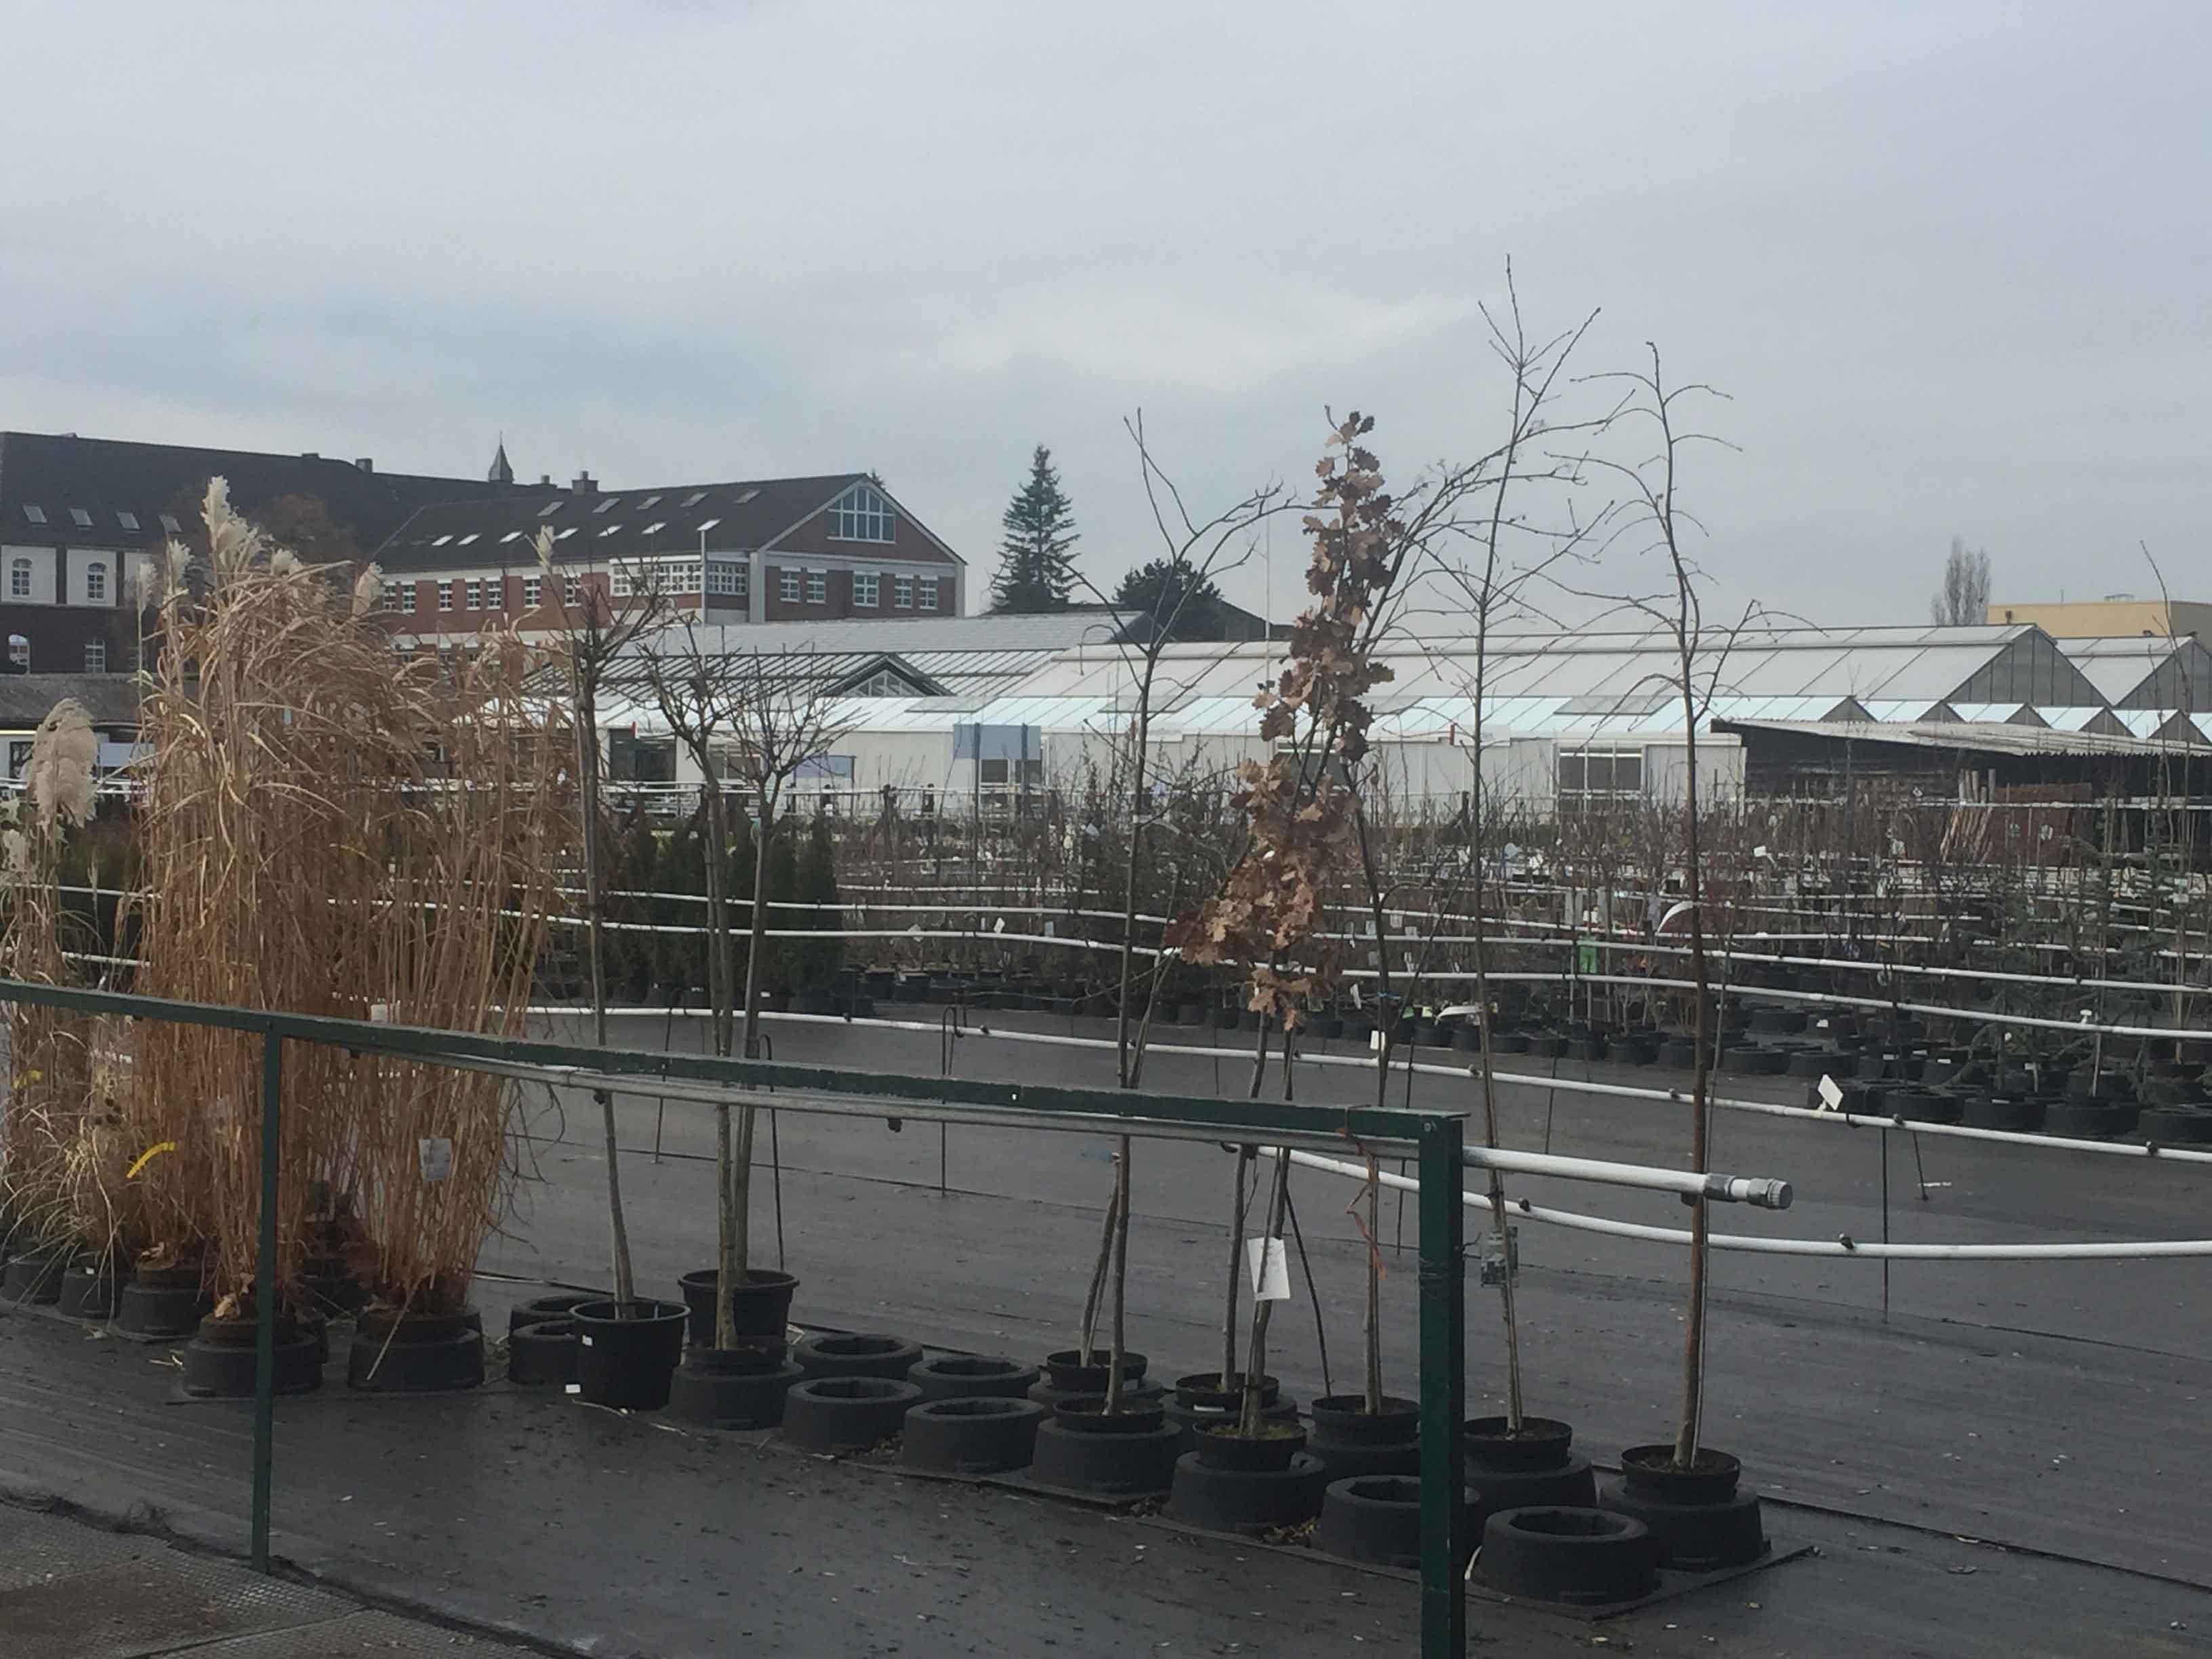 Kurz vor Porz befindet sich der kleine Stadtteil Ensen und in ihm das Kloster der Alexianer. Hier können Gartenfreunde mit den ersten Frühlingstagen wieder aus einem reichhaltigen Angebot der Gärtnerei auswählen.